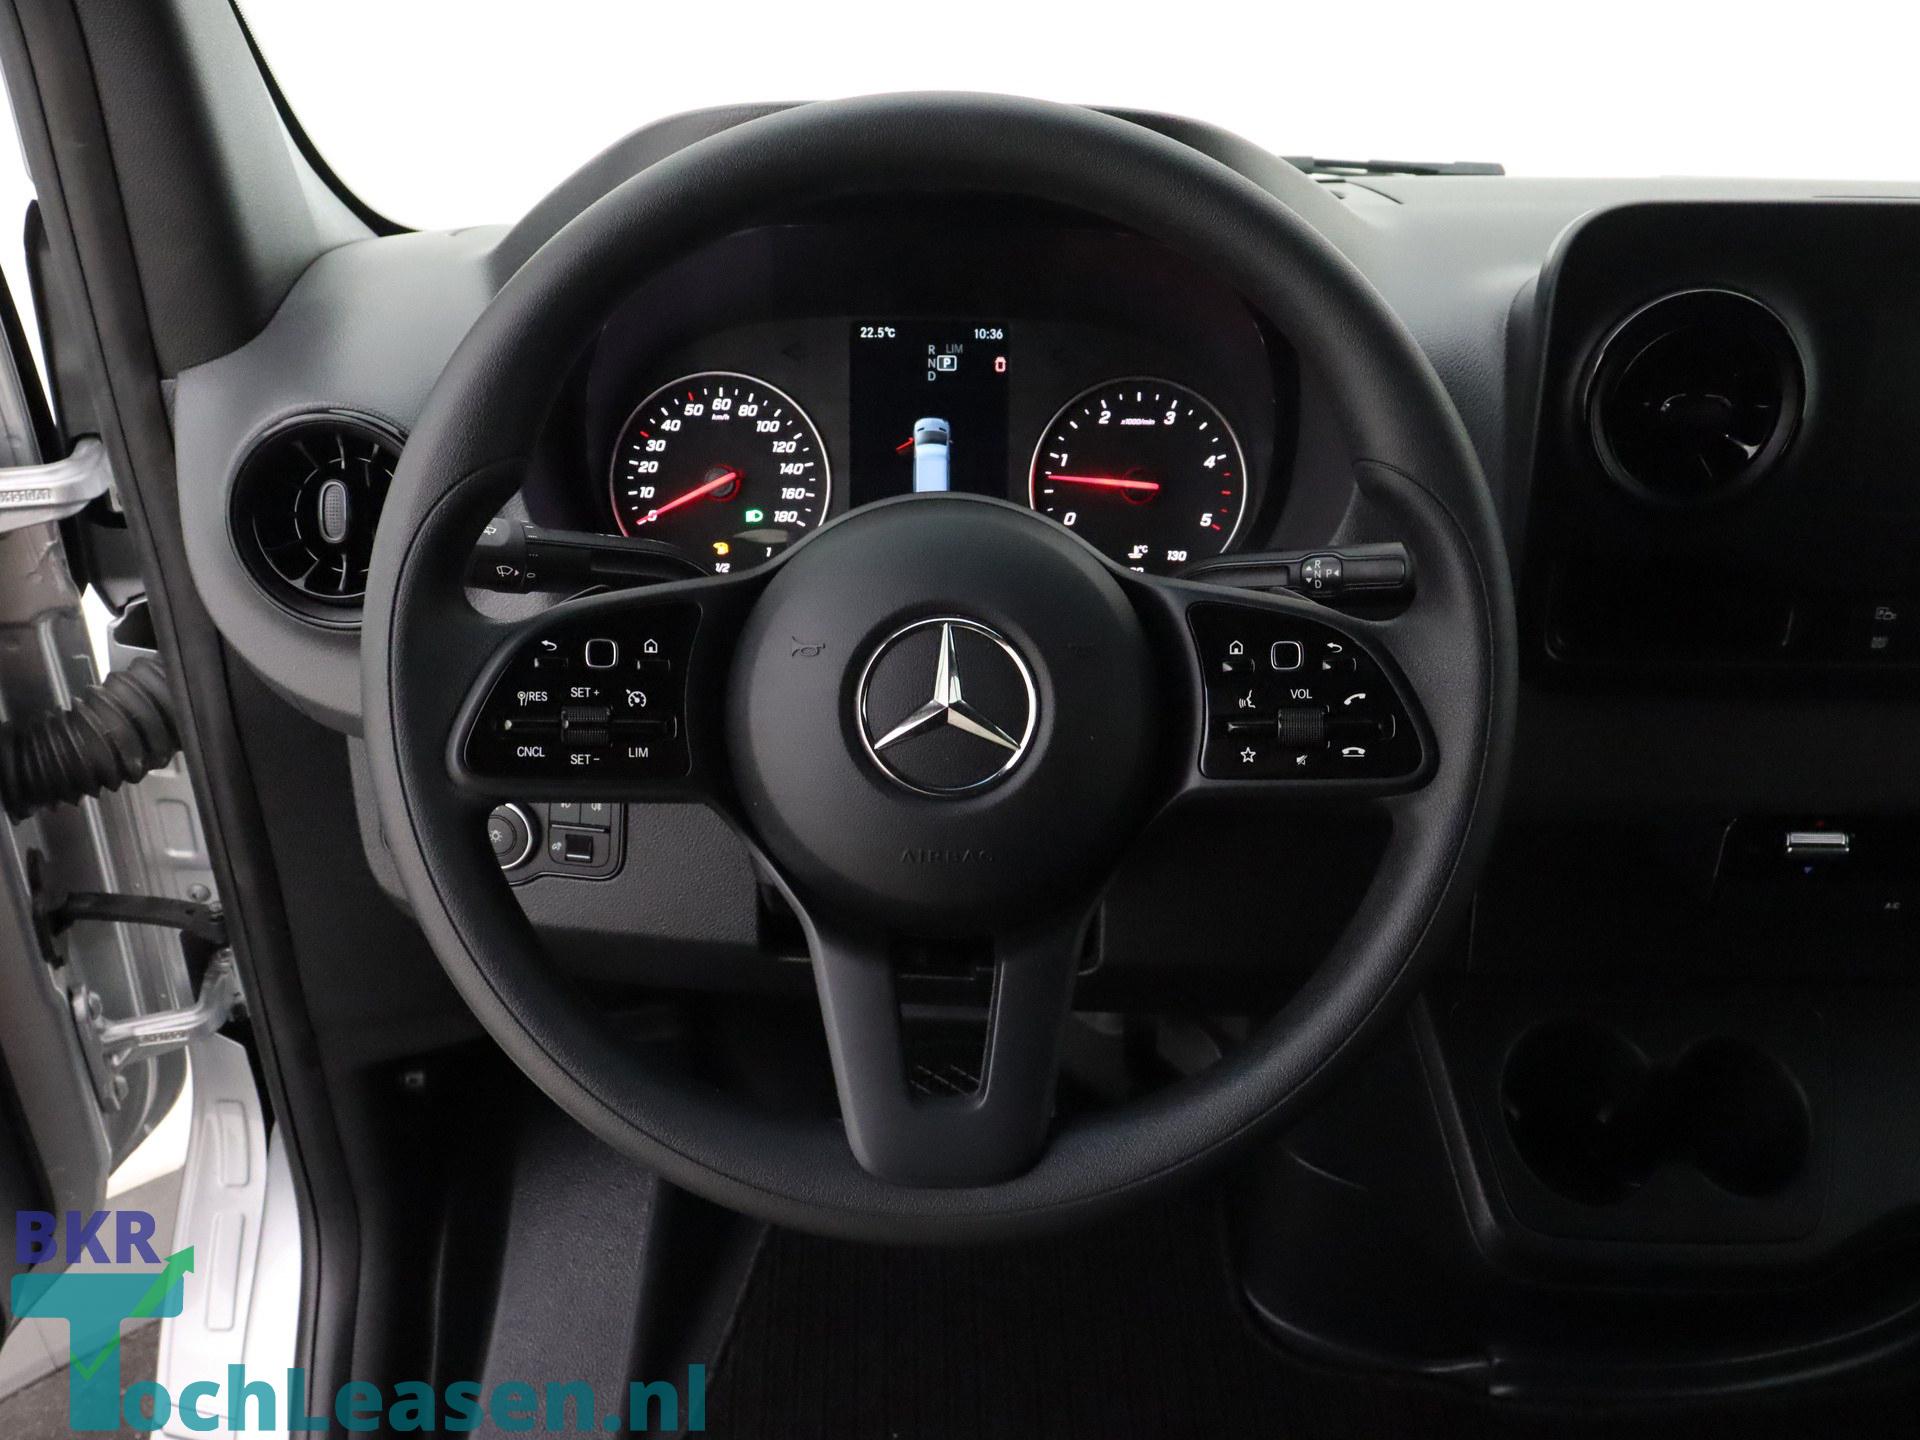 BKR toch leasen - Mercedes-Benz Sprinter - Zilver 5